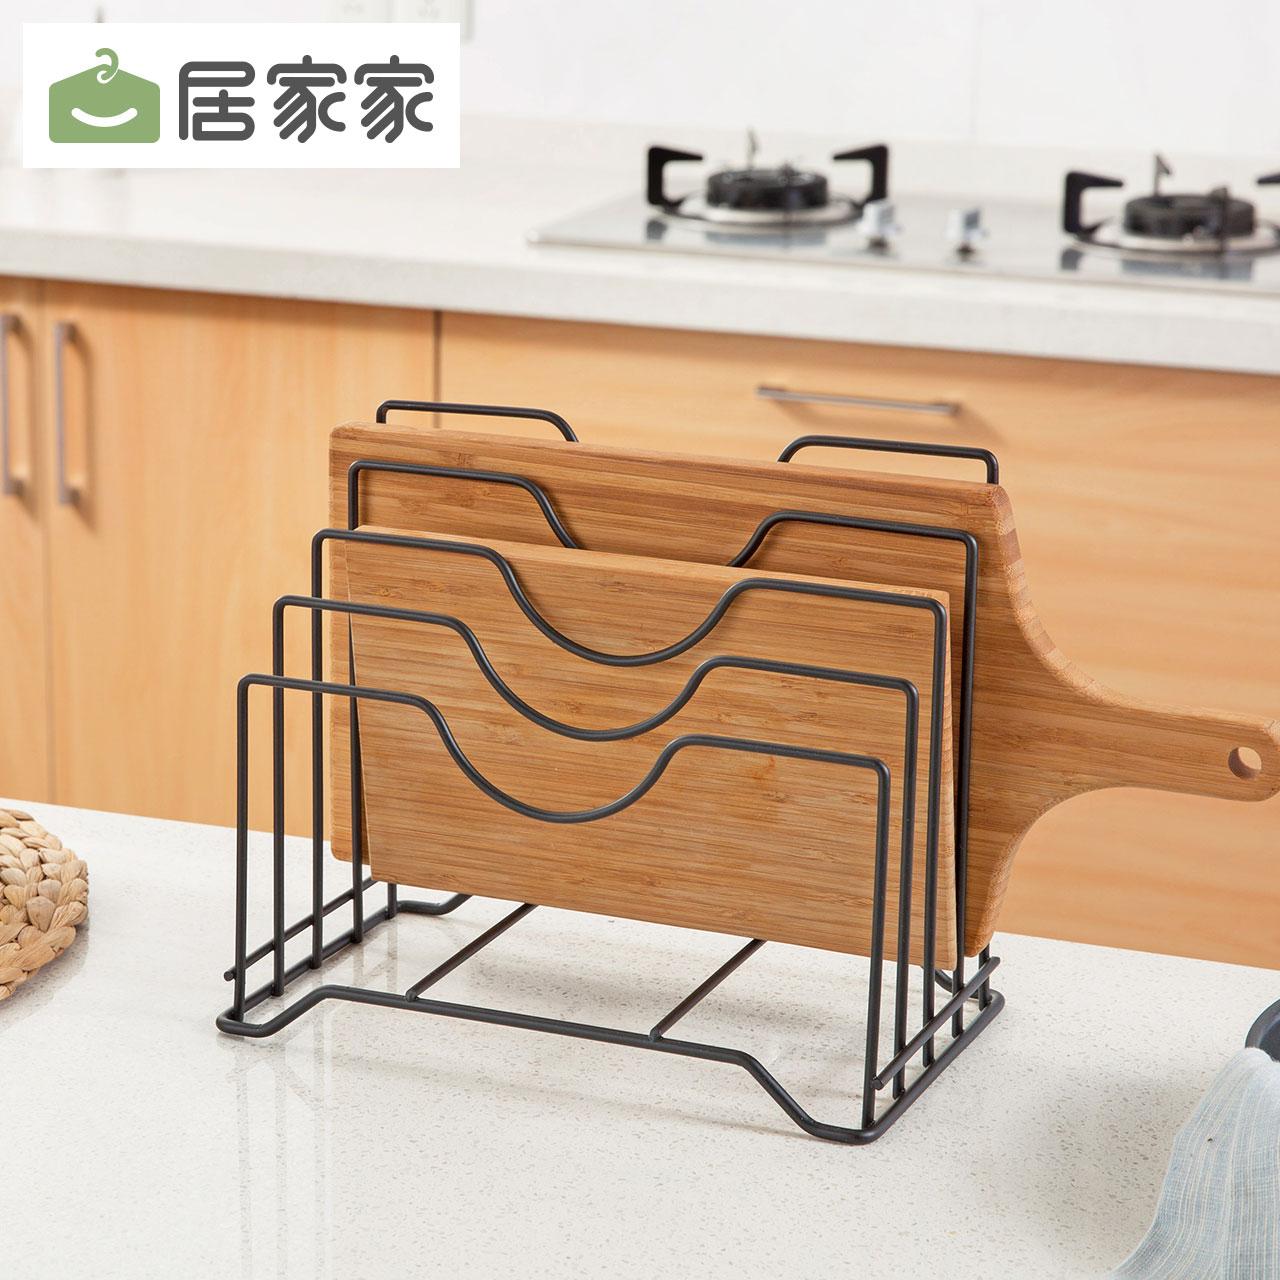 居家家 多层锅盖架厨房置物架菜板架 放菜板的架子砧板支架收纳架